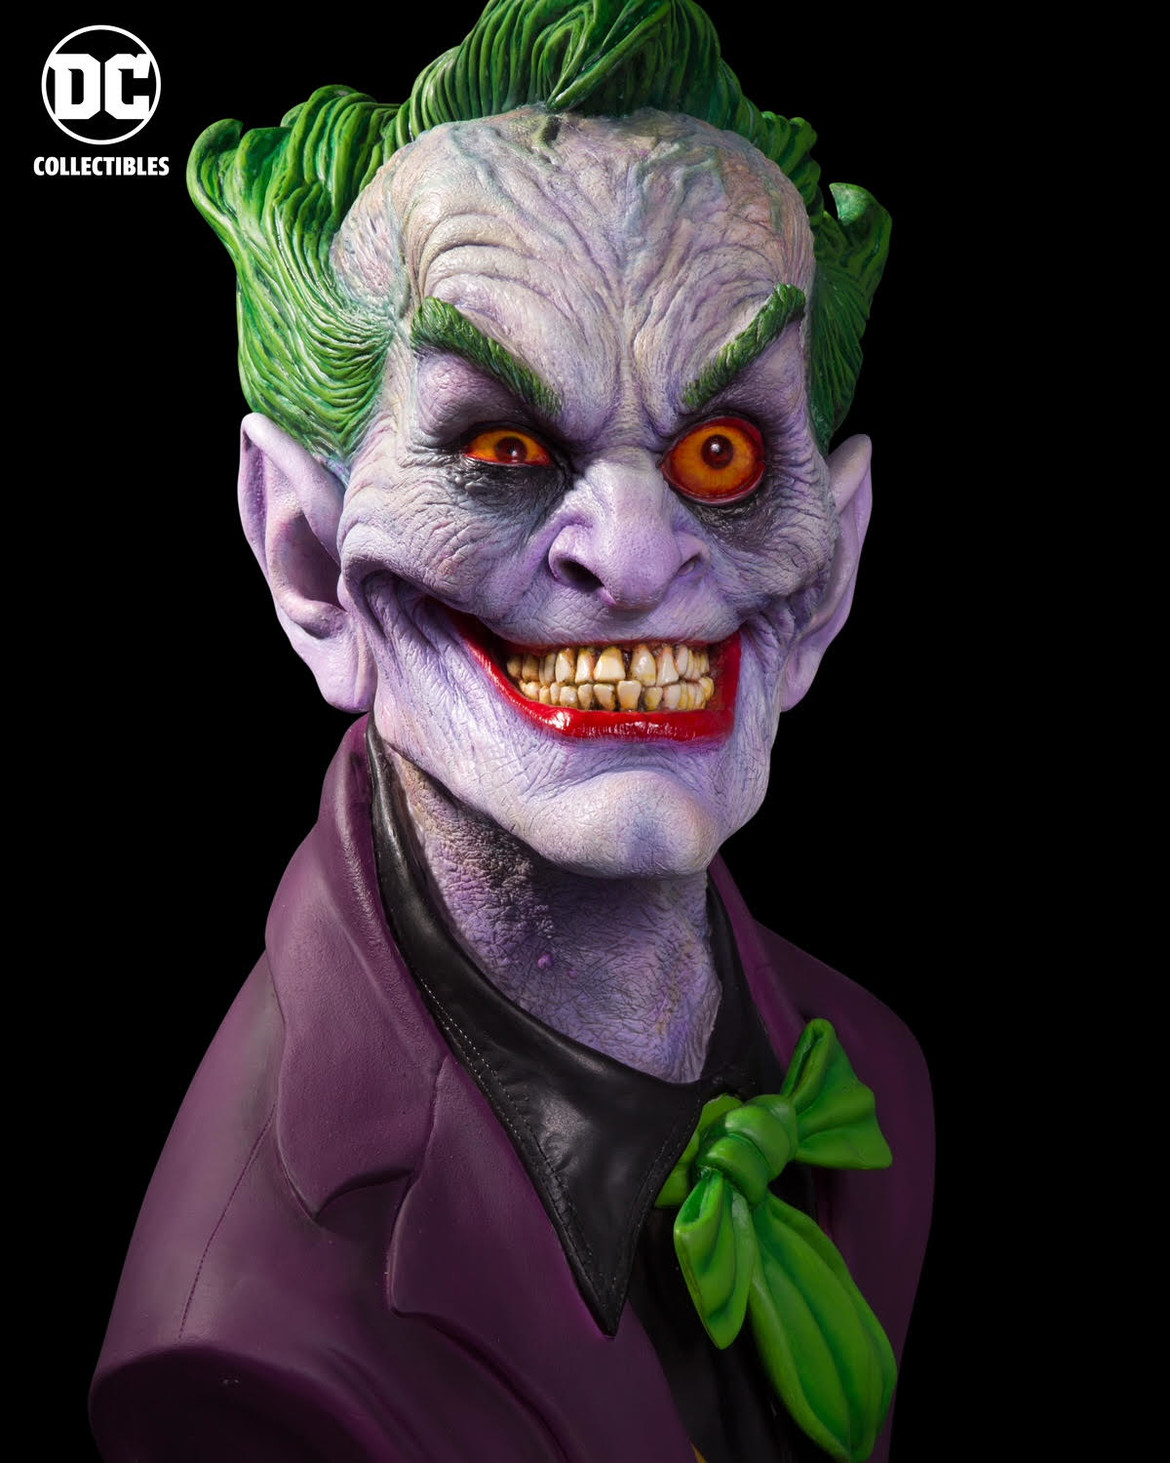 Rick Baker Joker Sculplture 2